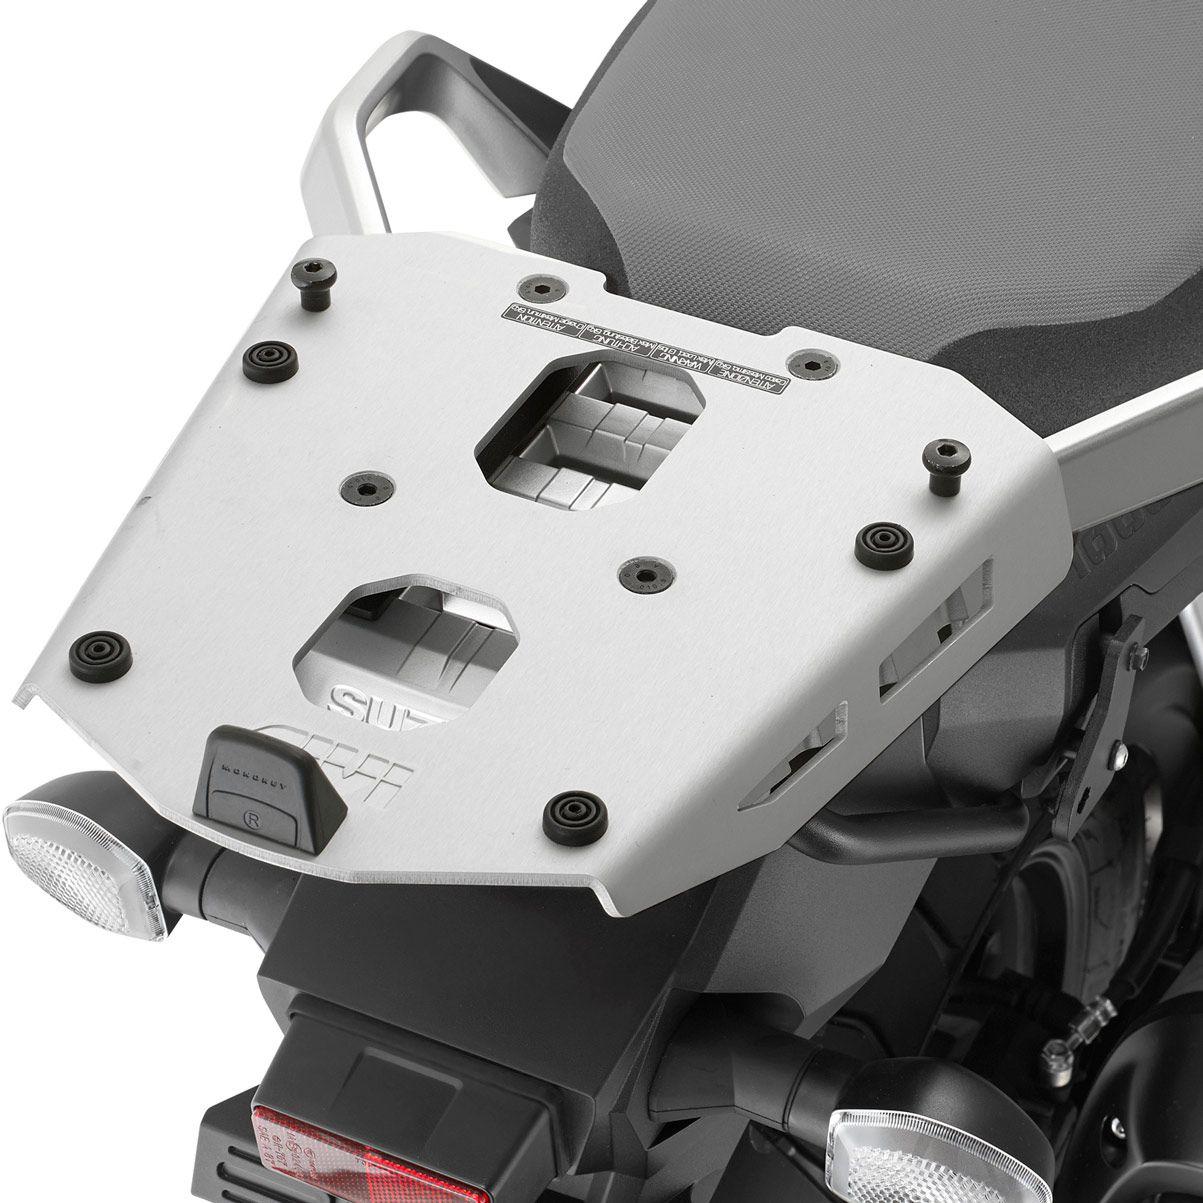 Base/Rack de baú Monokey Givi SRA3112 para DL1000/DL650 2017 (Baús Importados)  - Pronta Entrega  - Nova Suzuki Motos e Acessórios